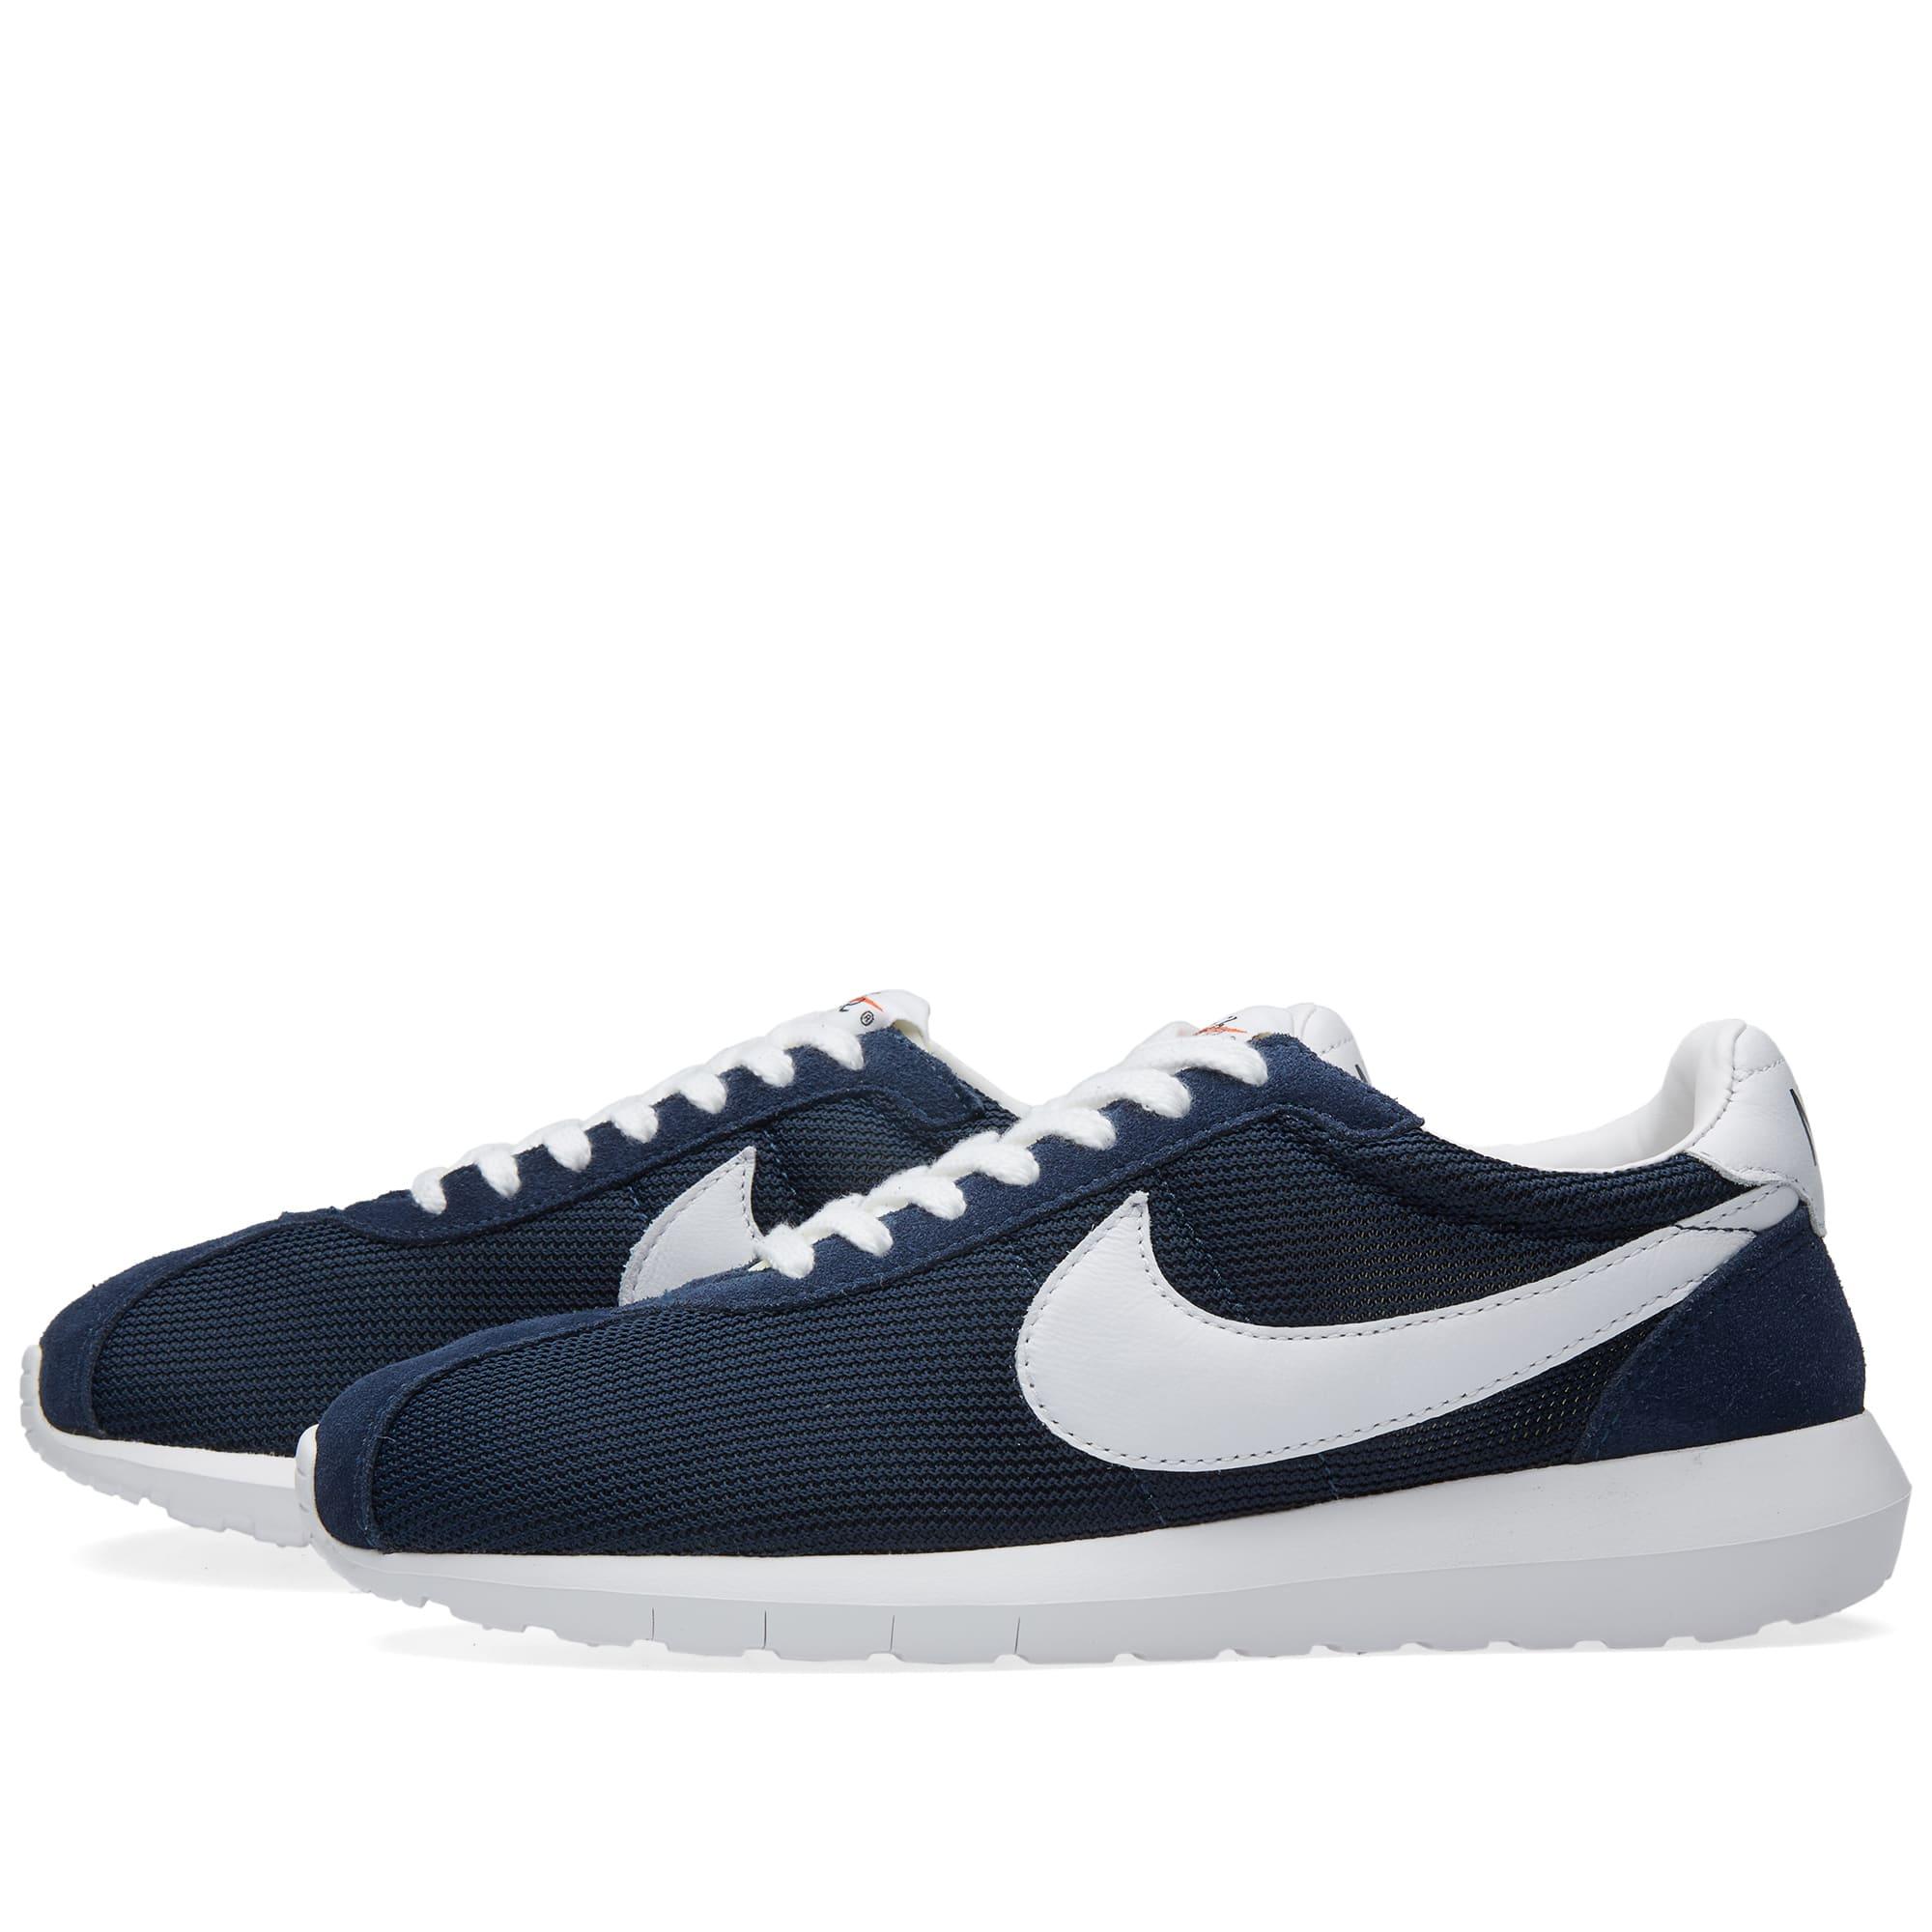 Nike Roshe LD 1000 QS